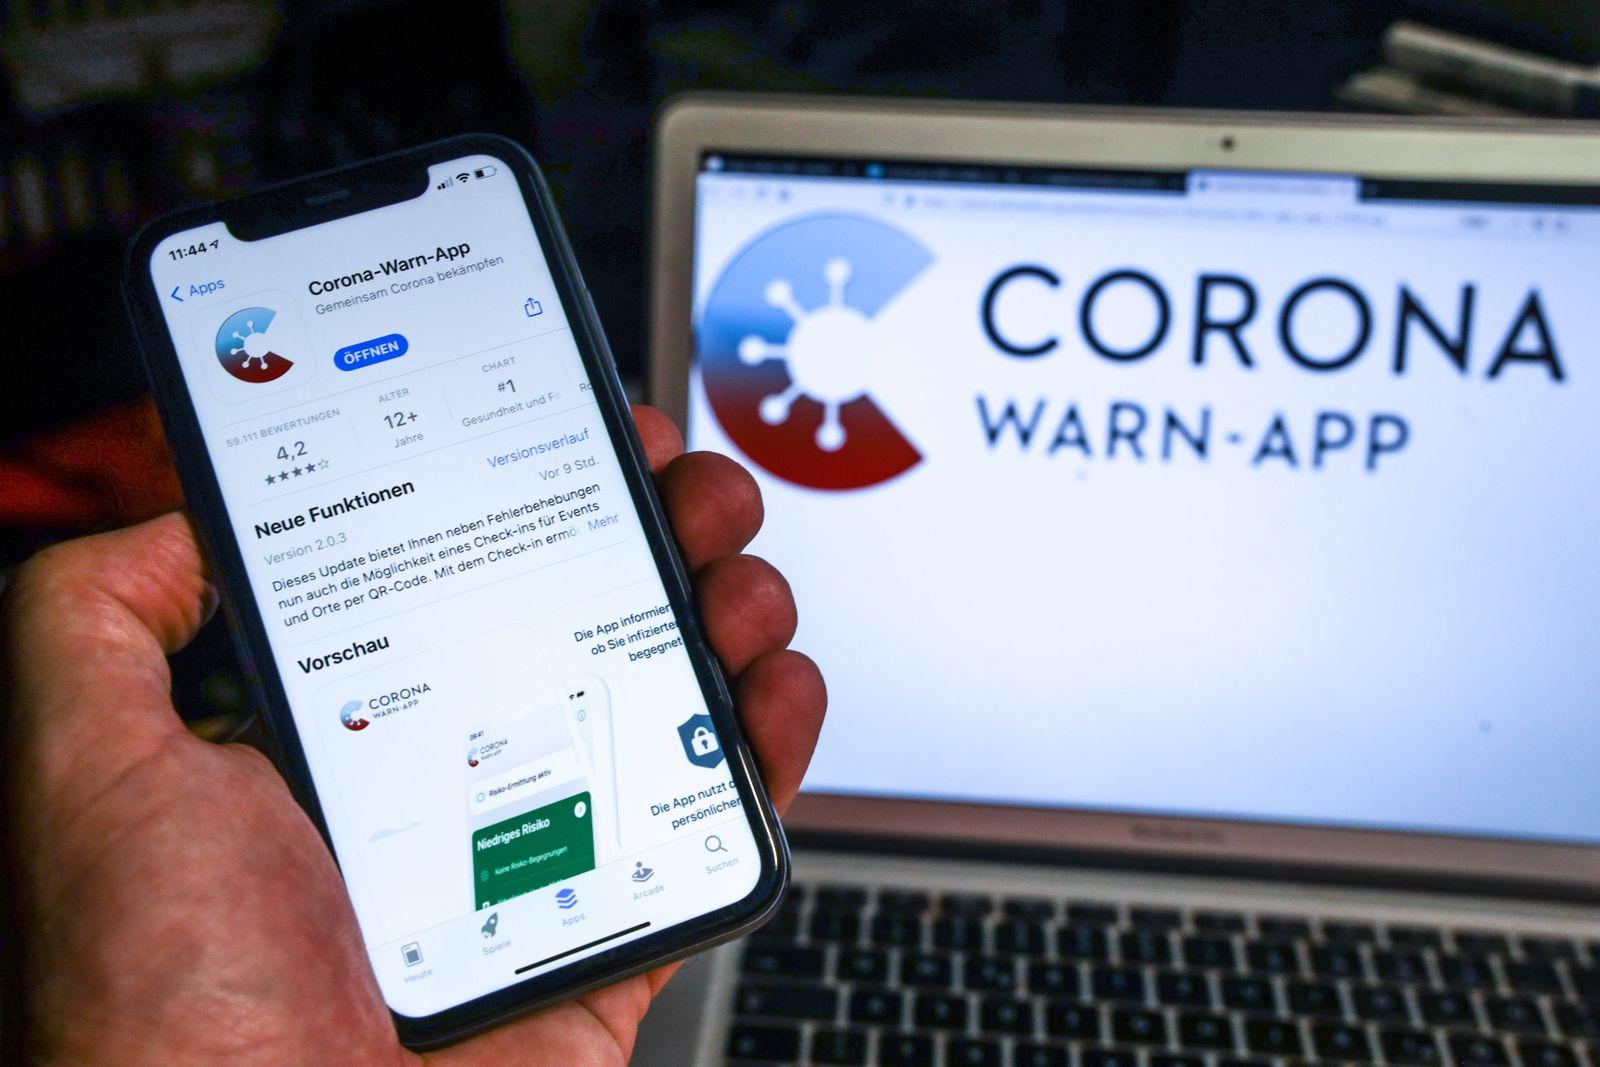 Update der Corona-Warn-App steht zum Download bereit Die Corona-Warn-App wird auf einem Smartphone installiert. In den